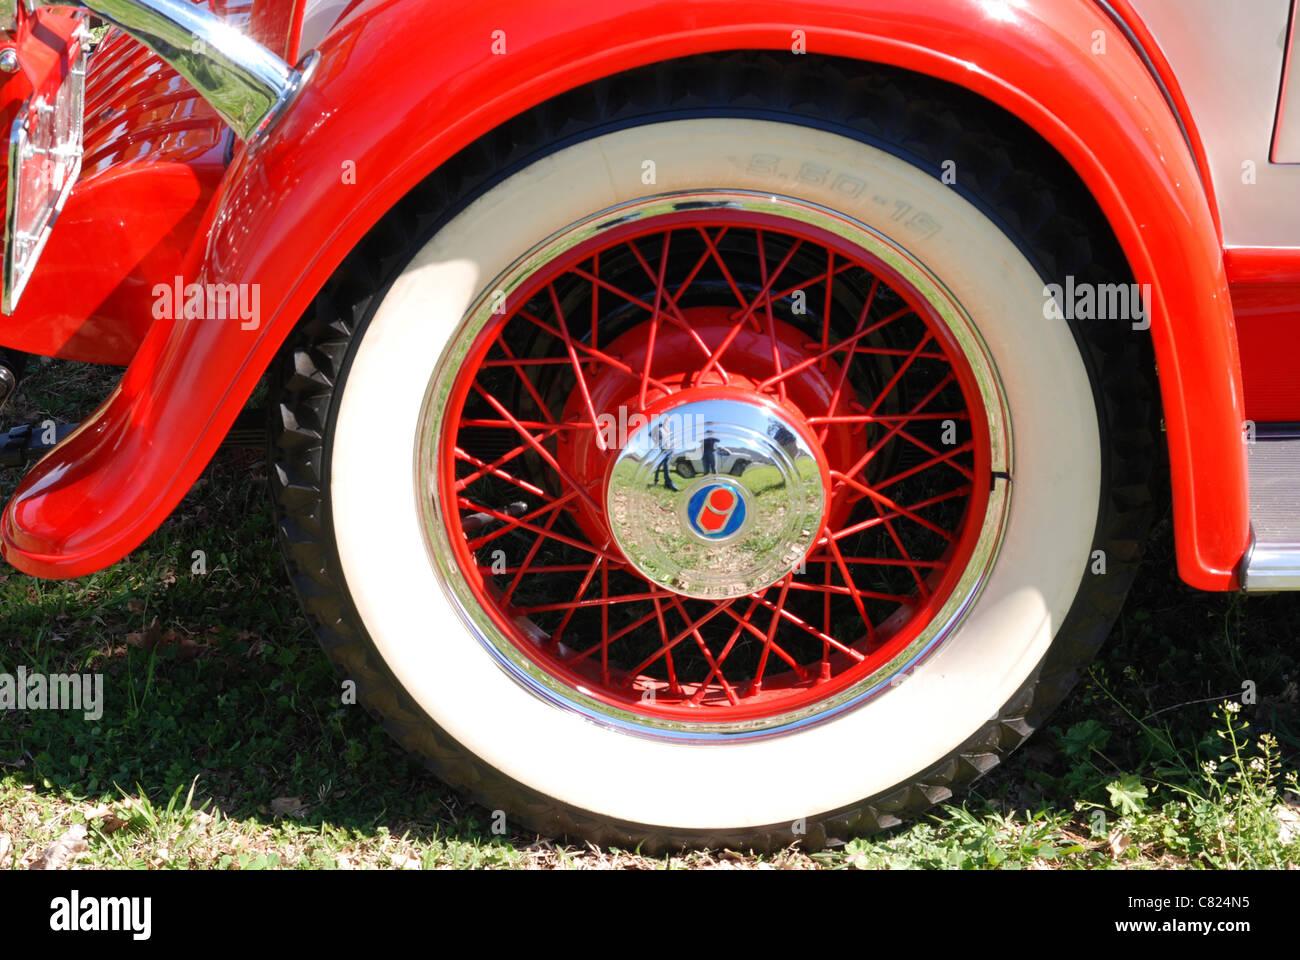 White Wall Tyre Stockfotos & White Wall Tyre Bilder - Alamy